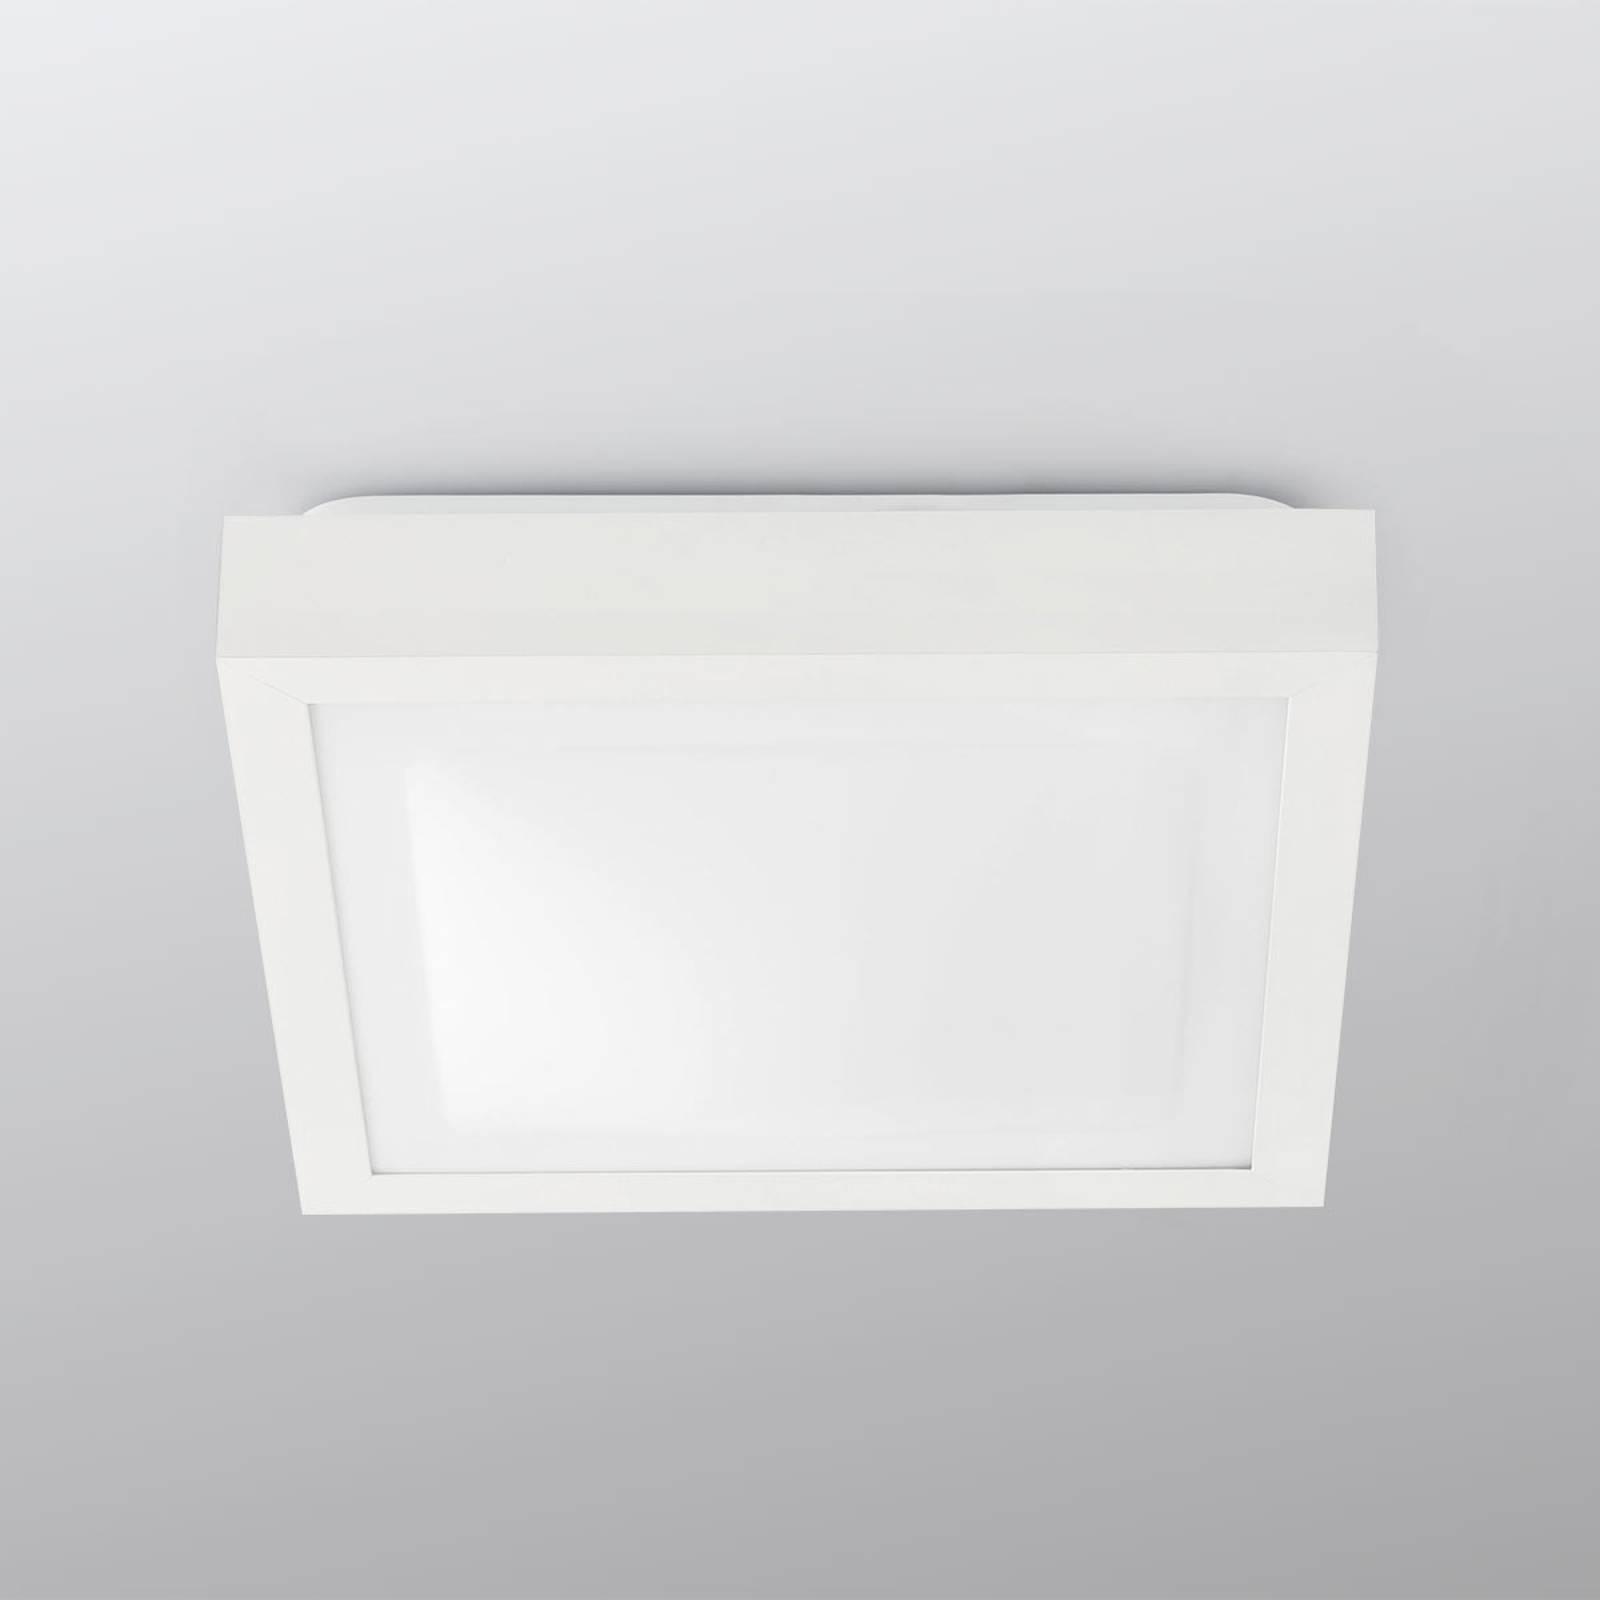 Neliönmuotoinen kattovalaisin Tola kylpyhuoneeseen